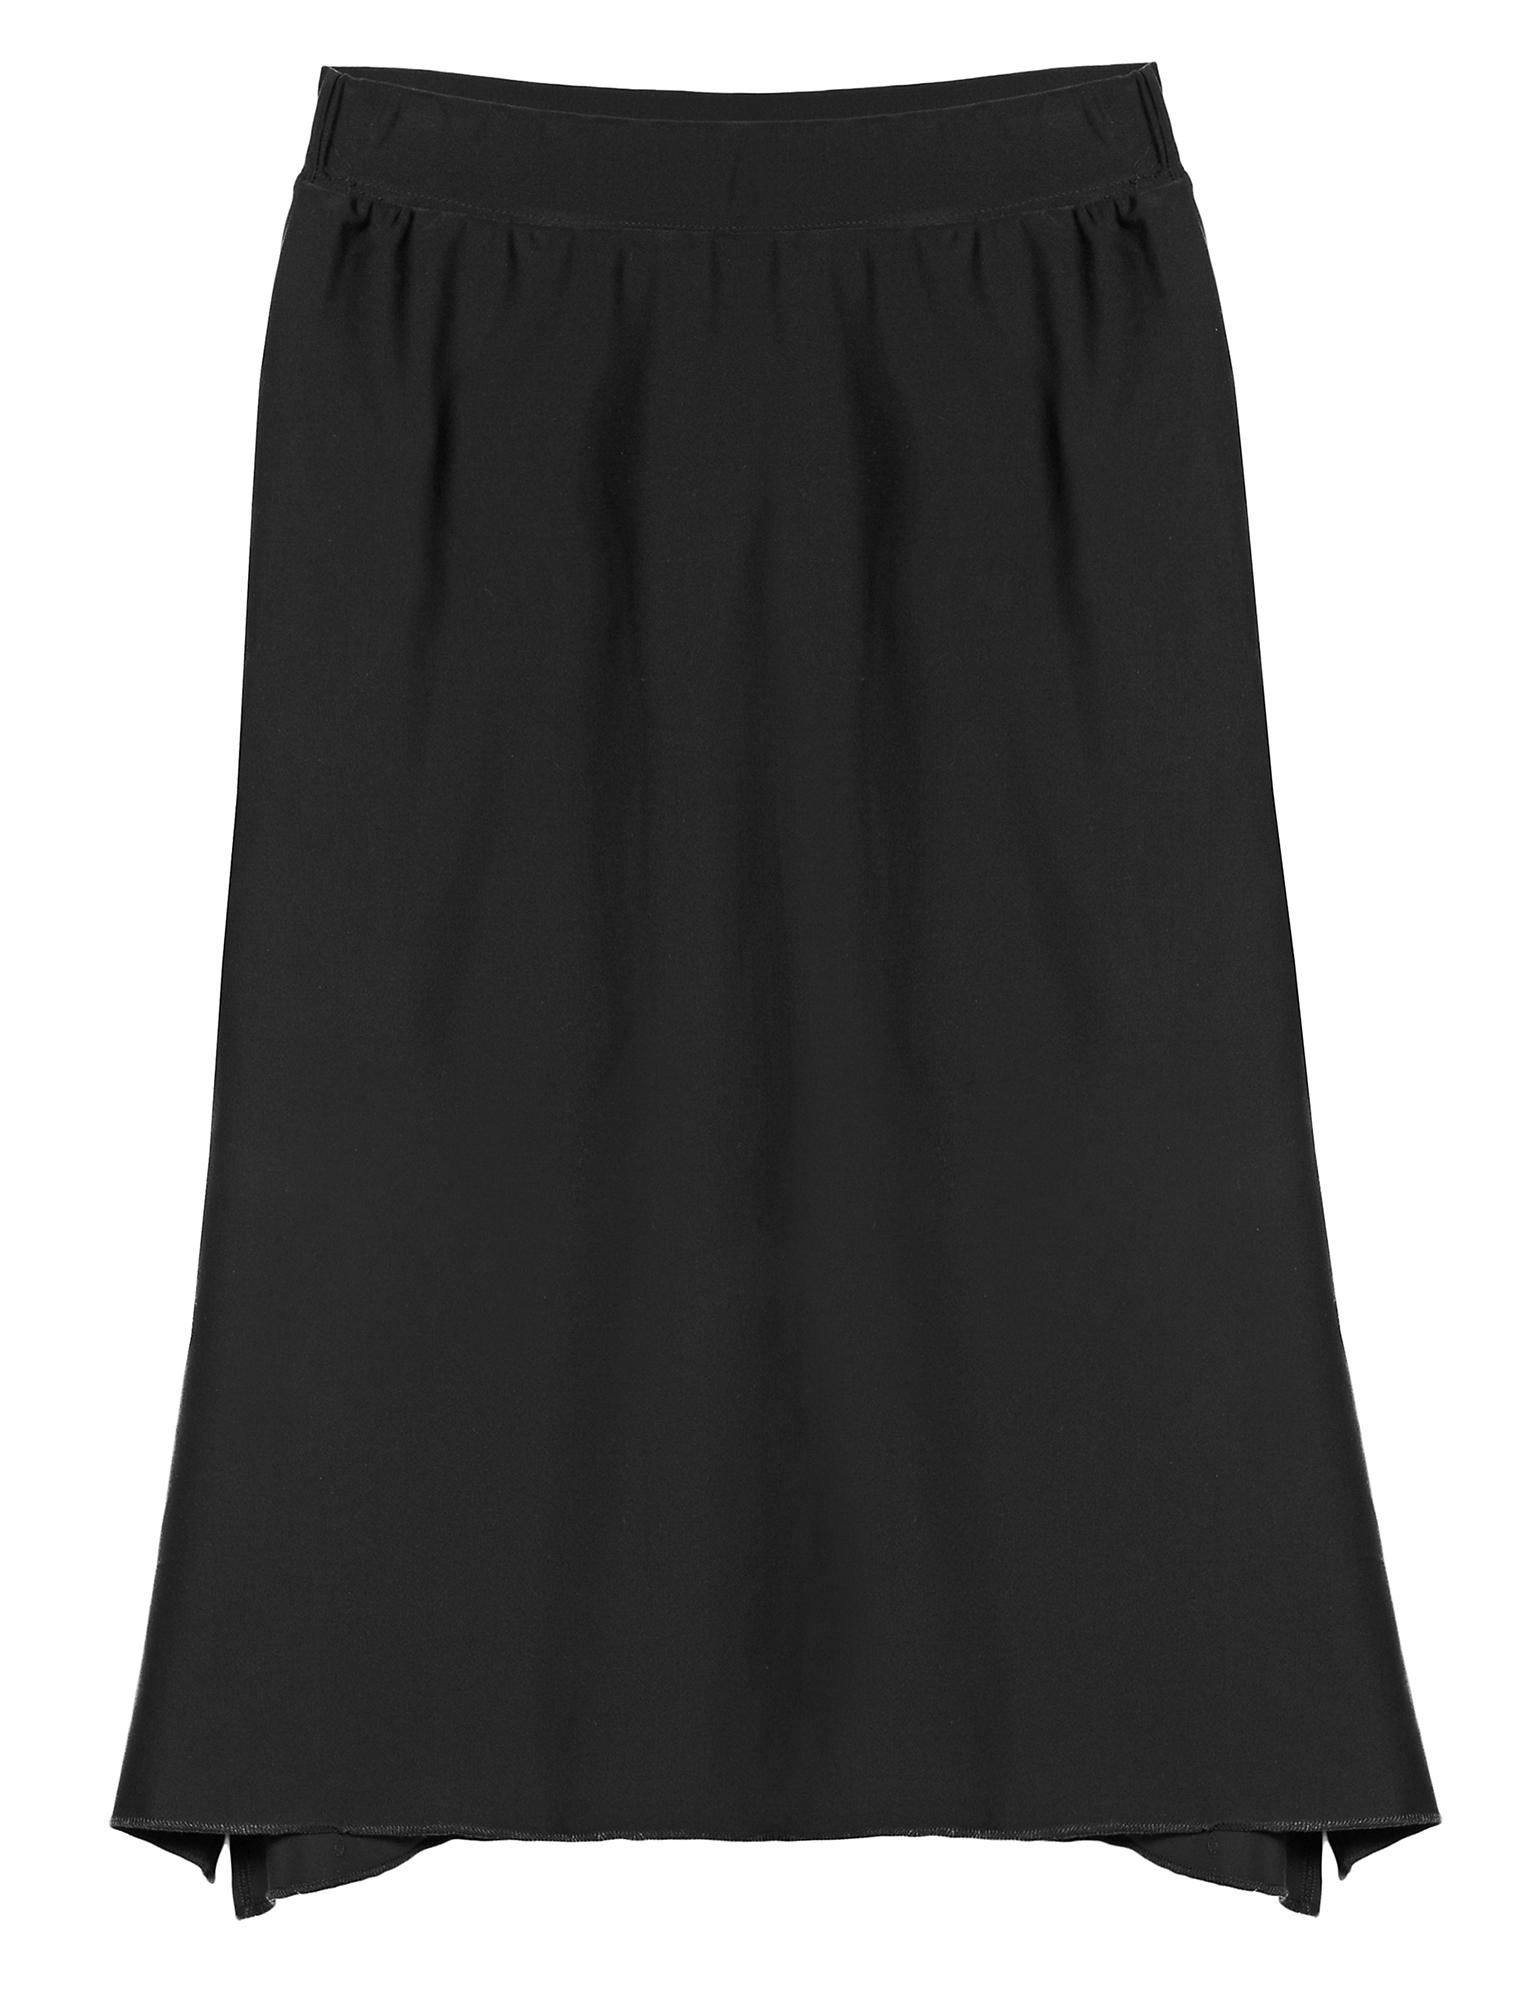 Black Modest Long Swimming Skirt